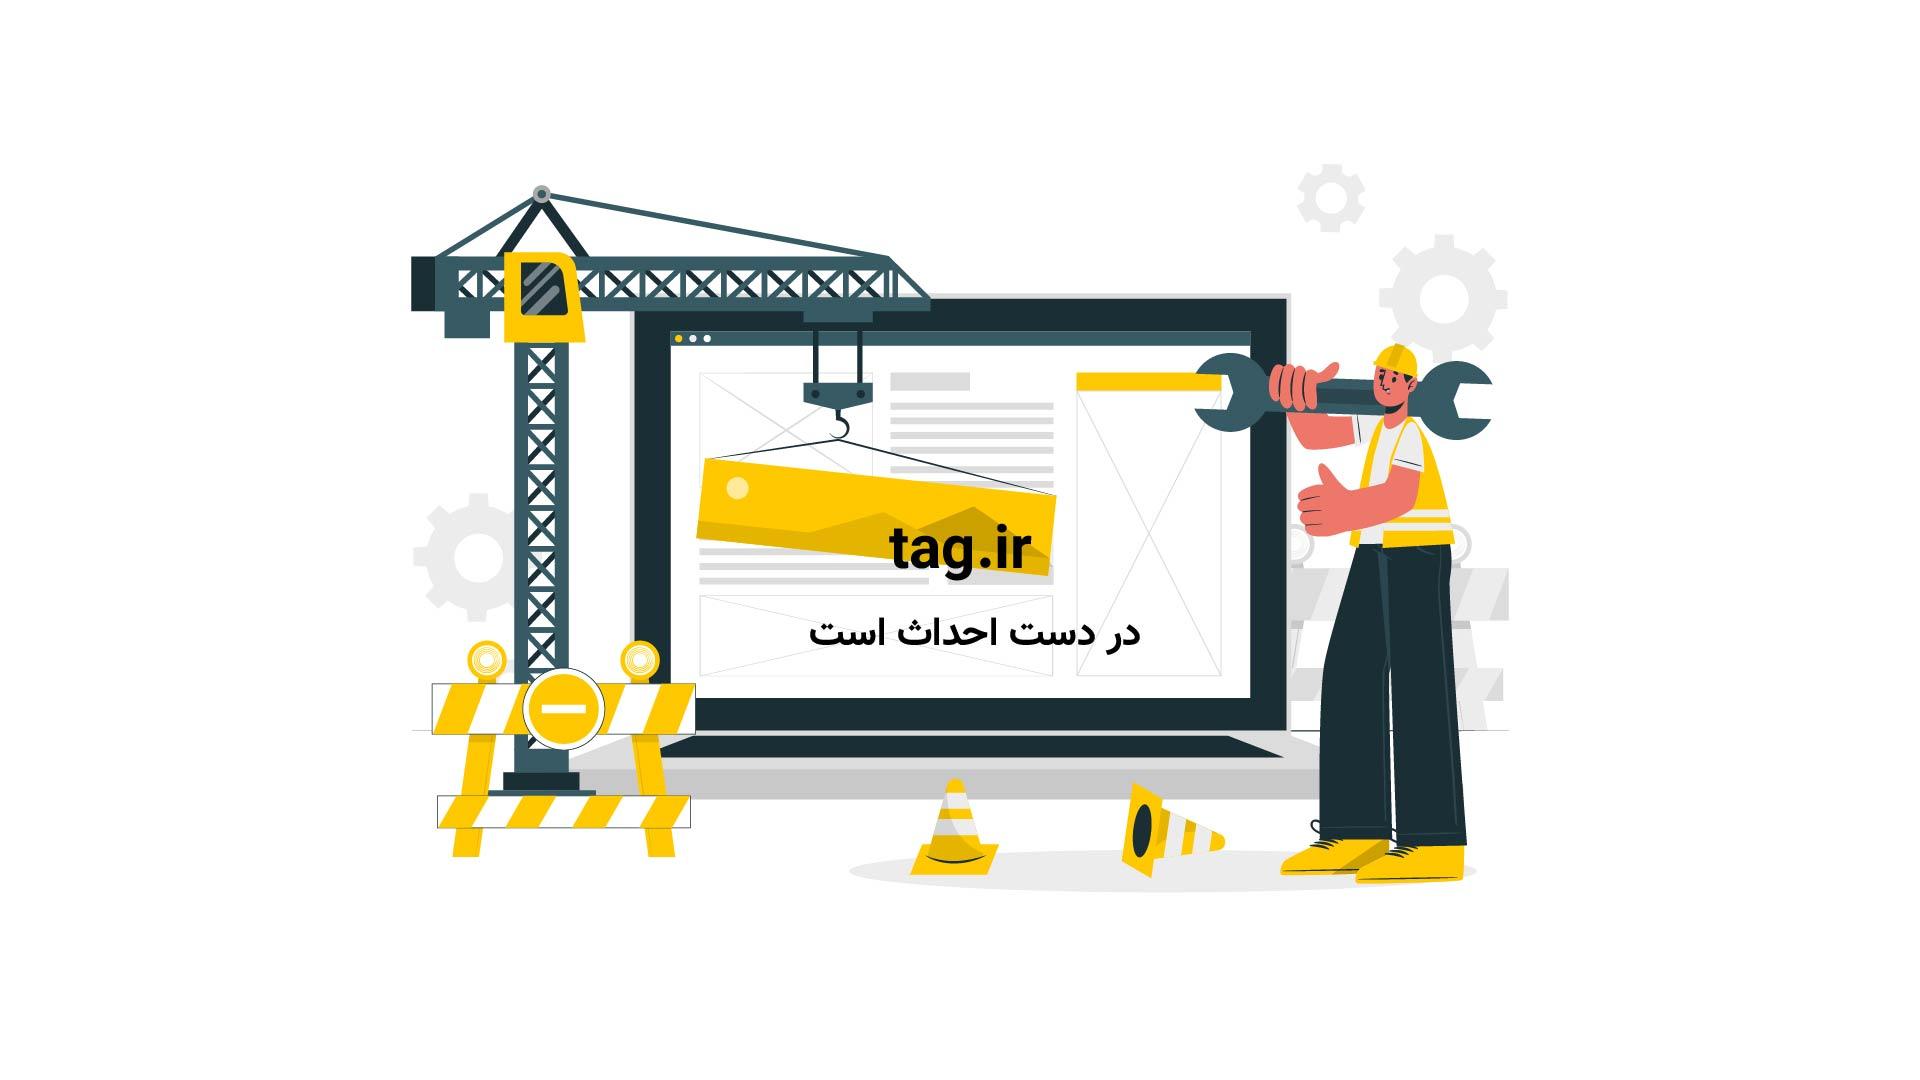 ۱۰ ماده غذایی مقوی که بالاترین پروتئین را دارند | فیلم